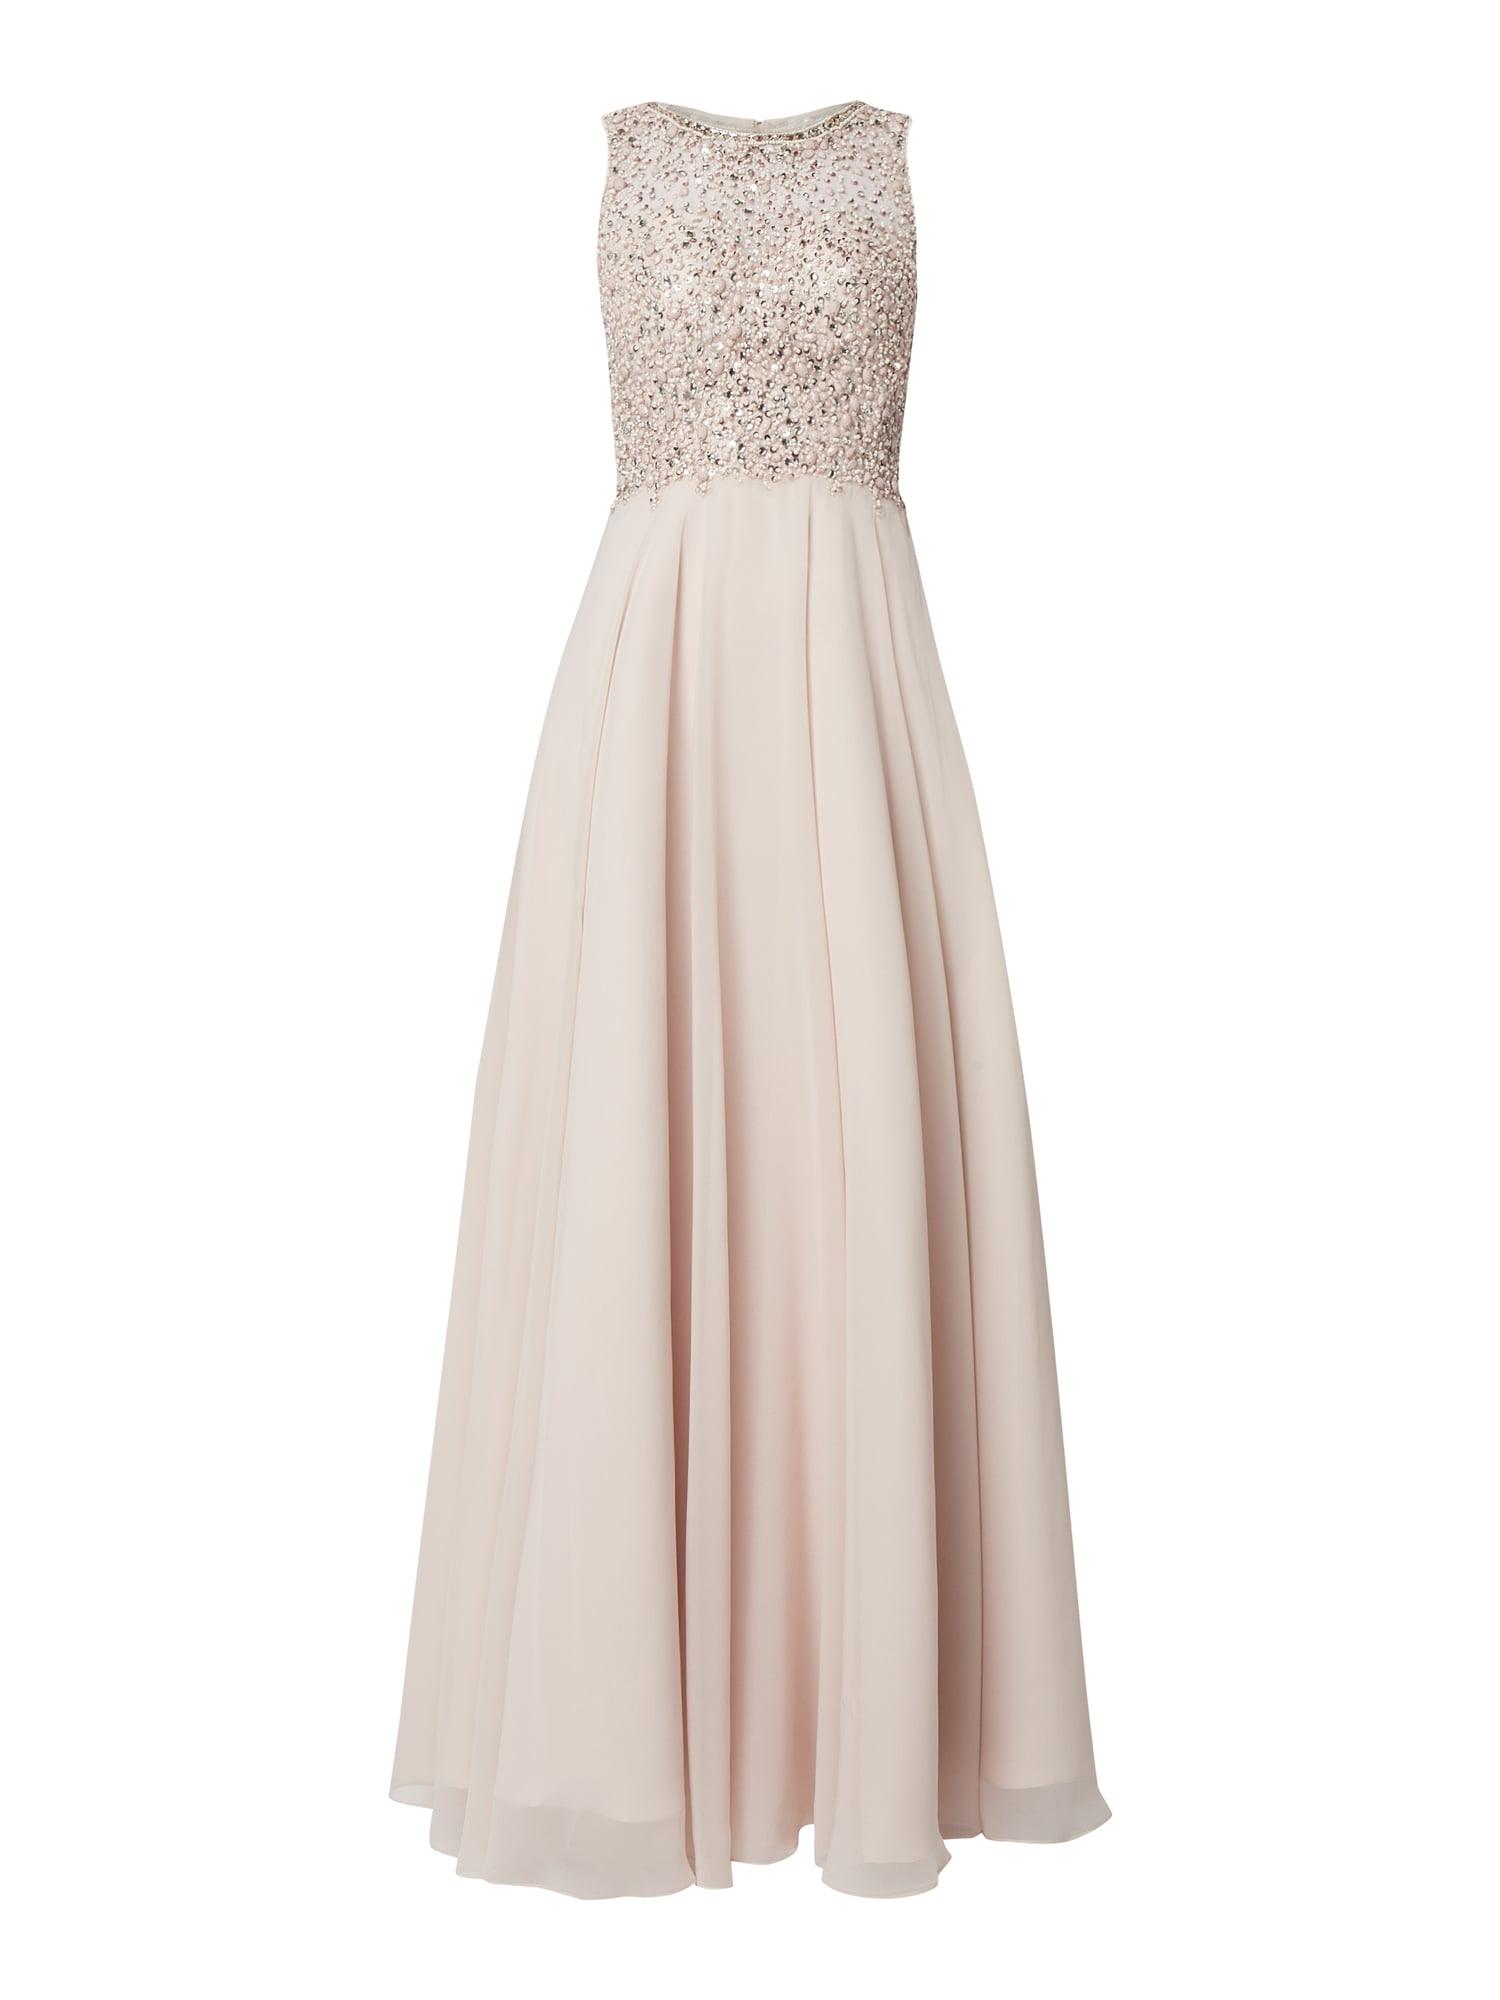 13 Genial Abendkleid Pailetten SpezialgebietDesigner Fantastisch Abendkleid Pailetten Bester Preis